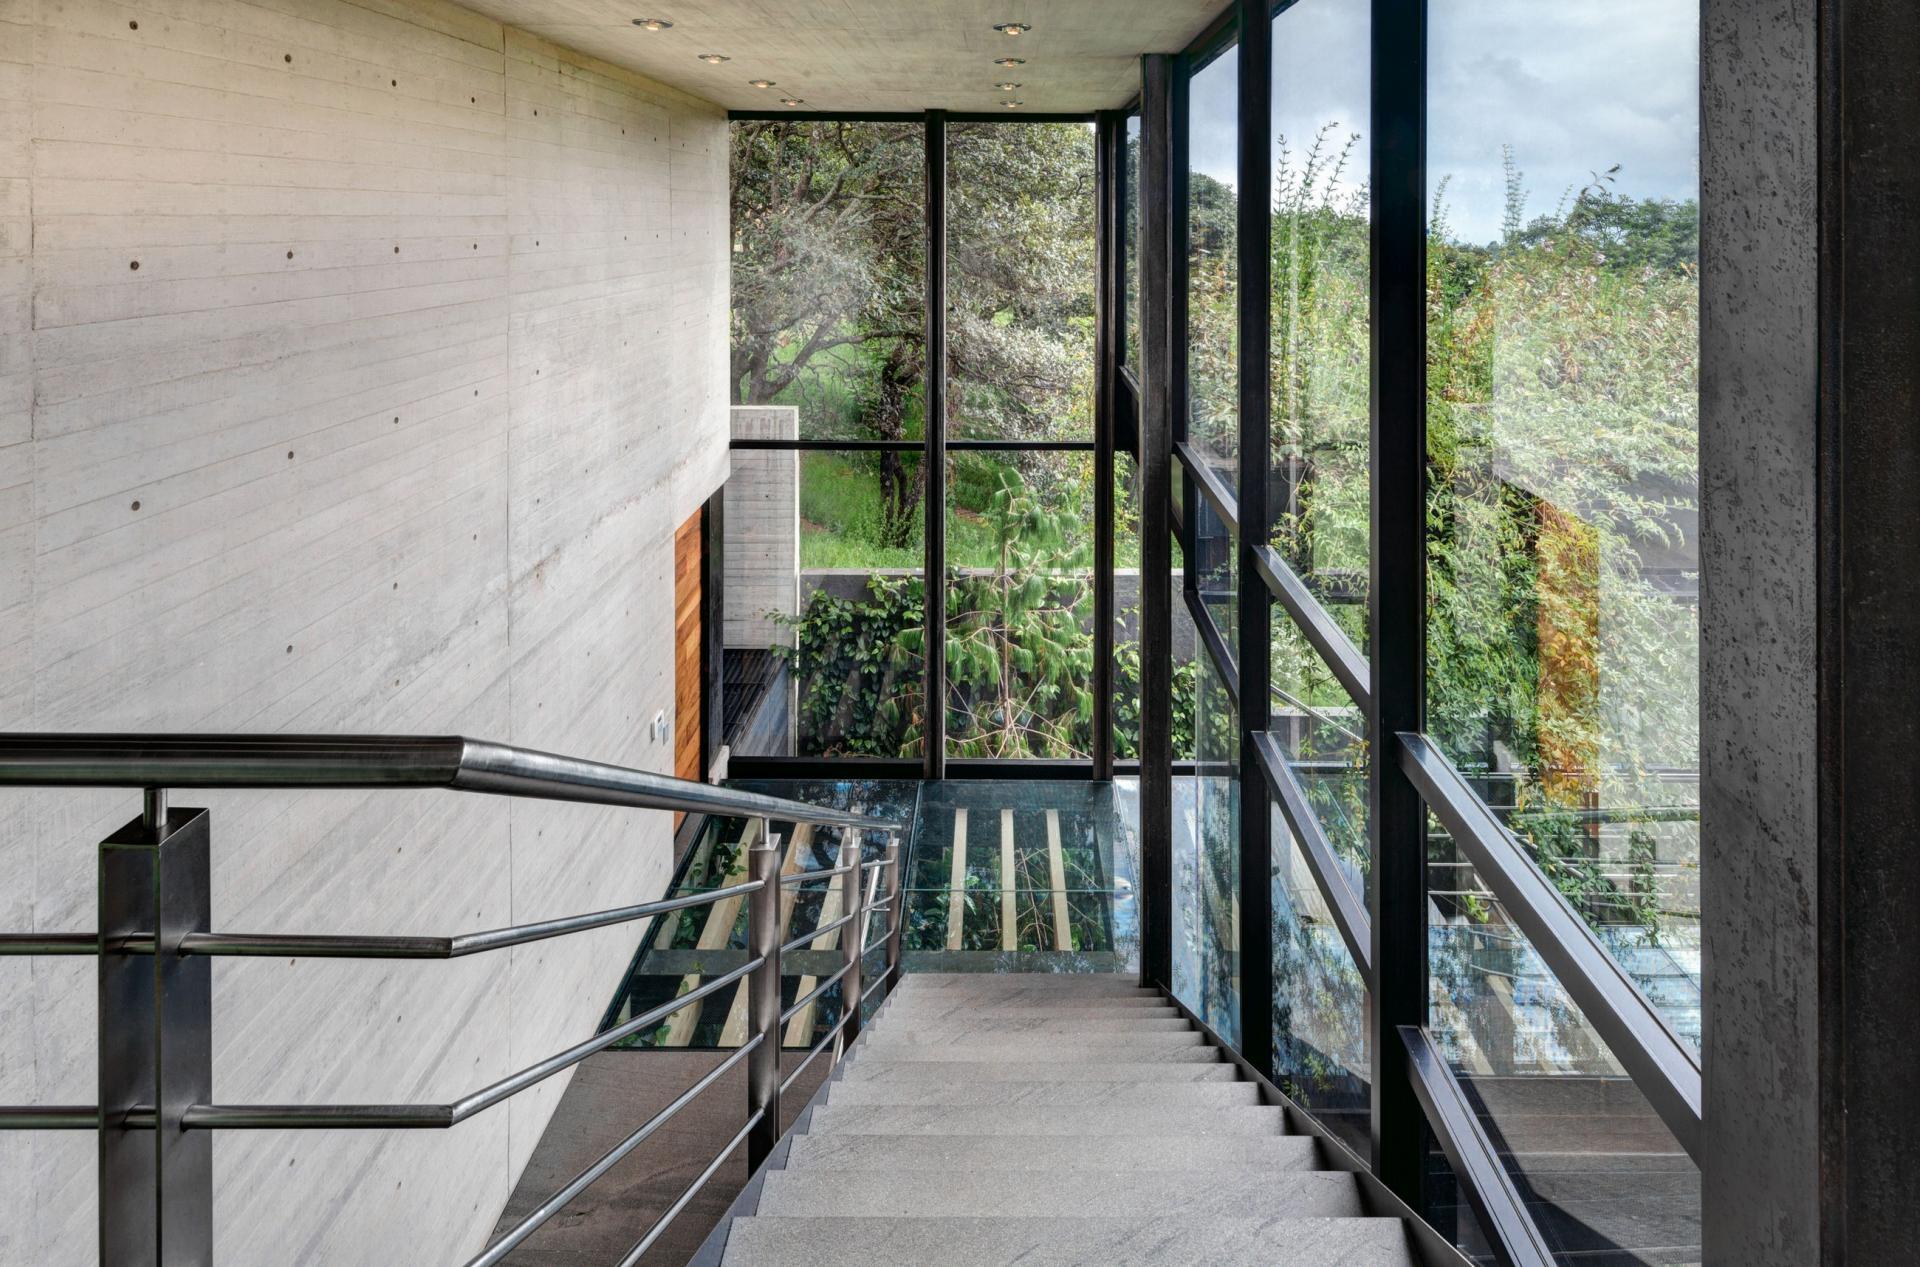 Casa Tepozcuautla - indoor staircase